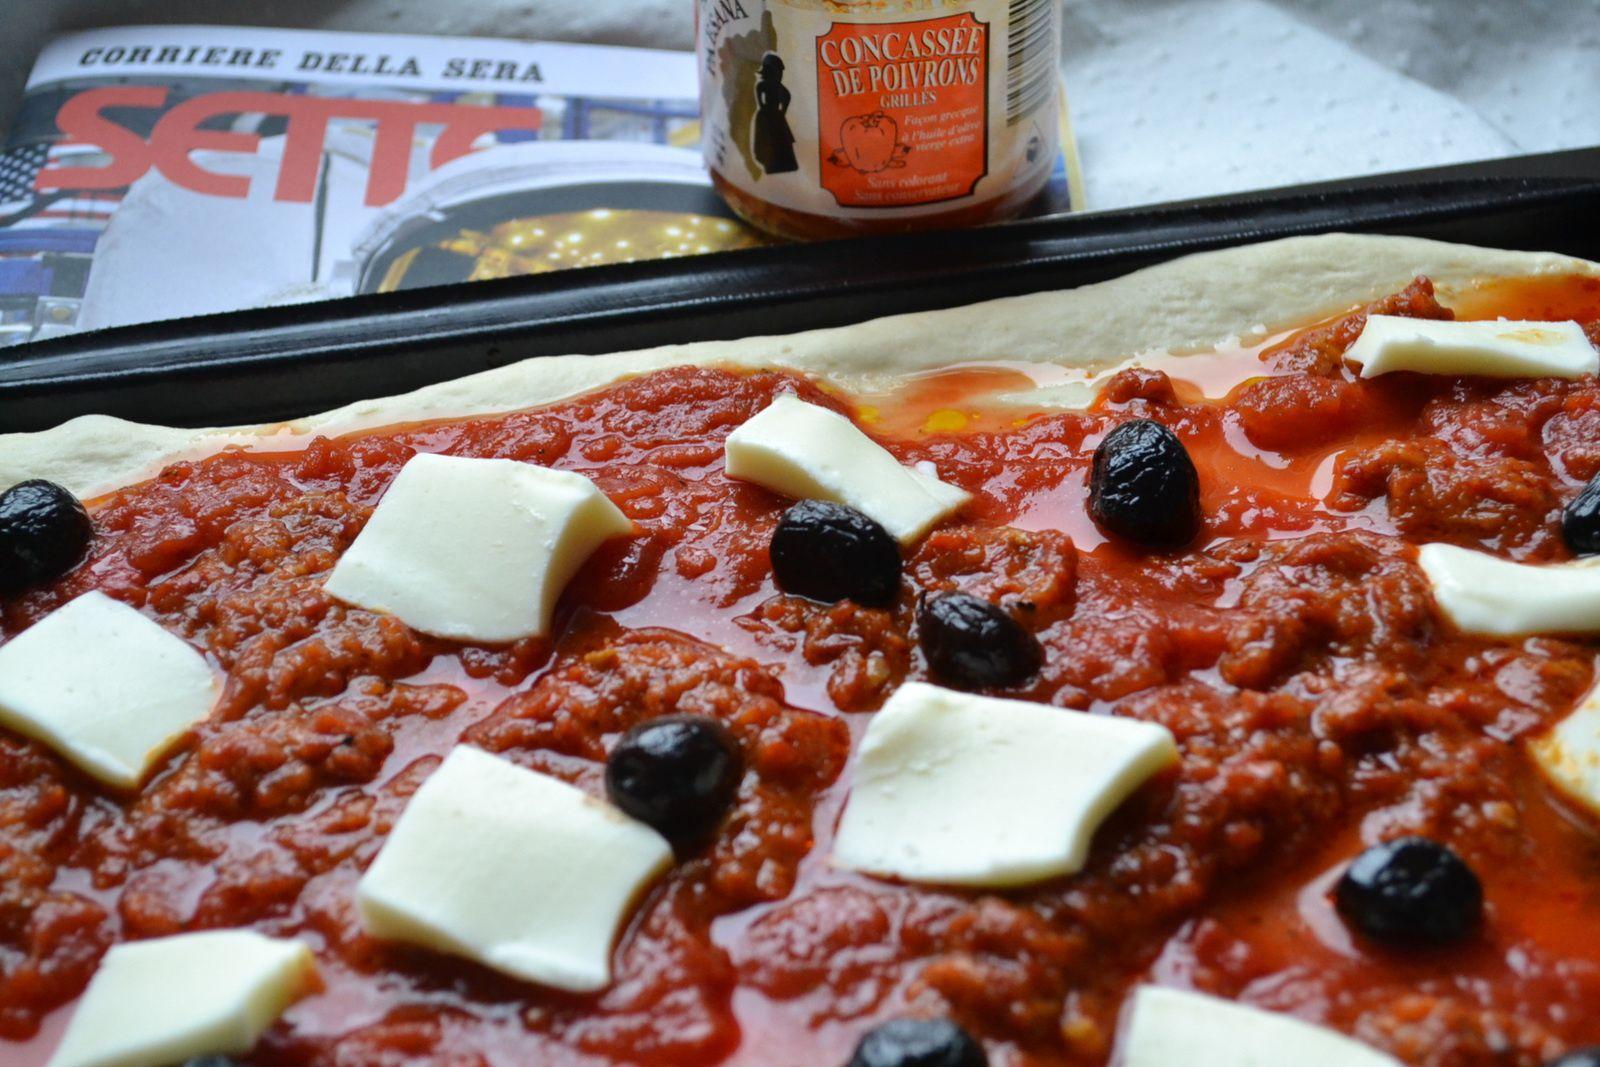 Pizza au confit de poivrons